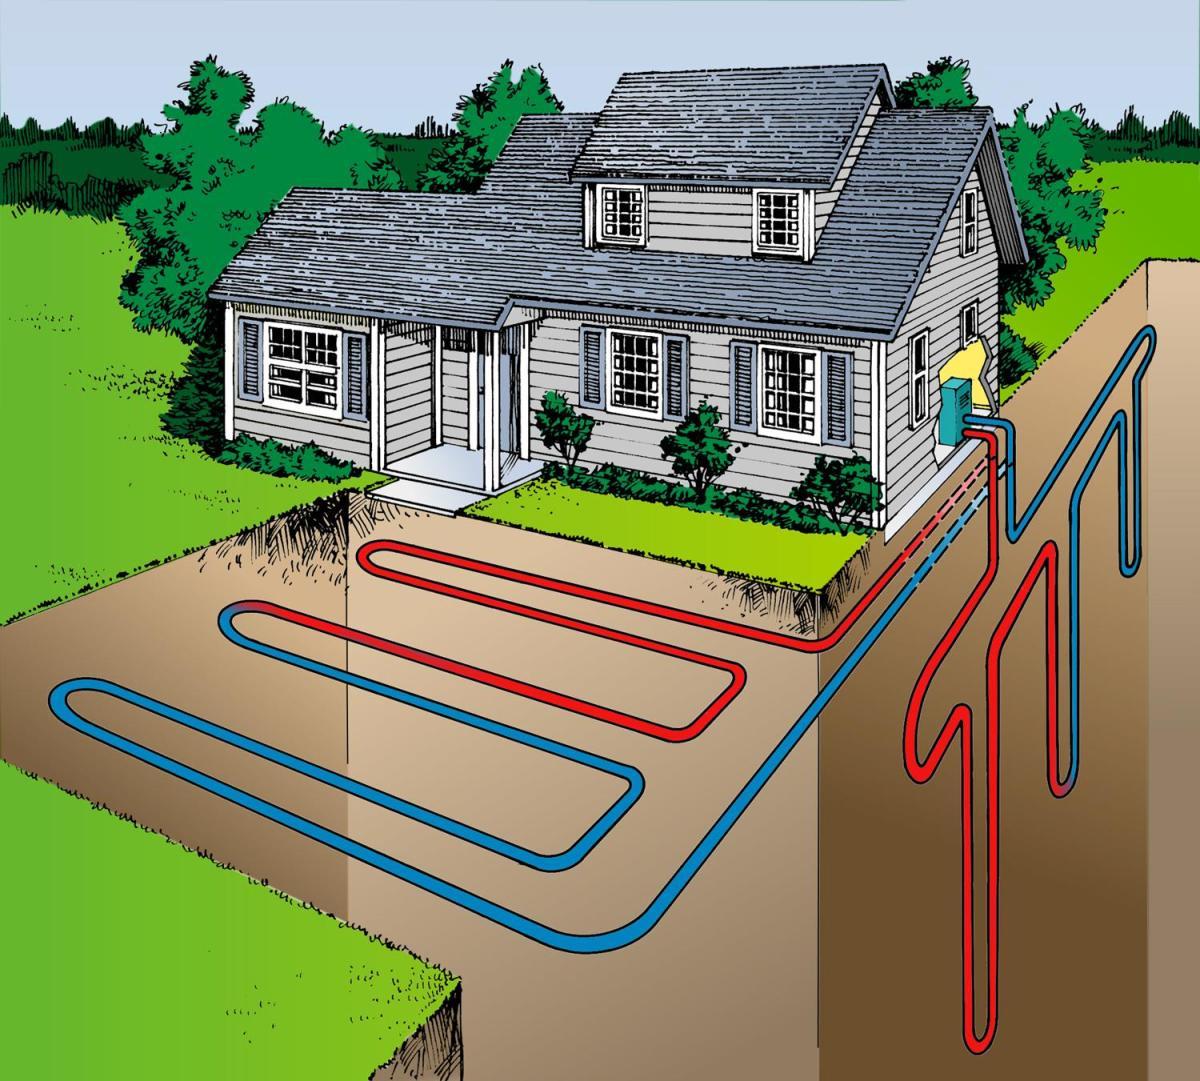 Тепловые насосы: преимущества и недостатки. чем хороши тепловые насосы?